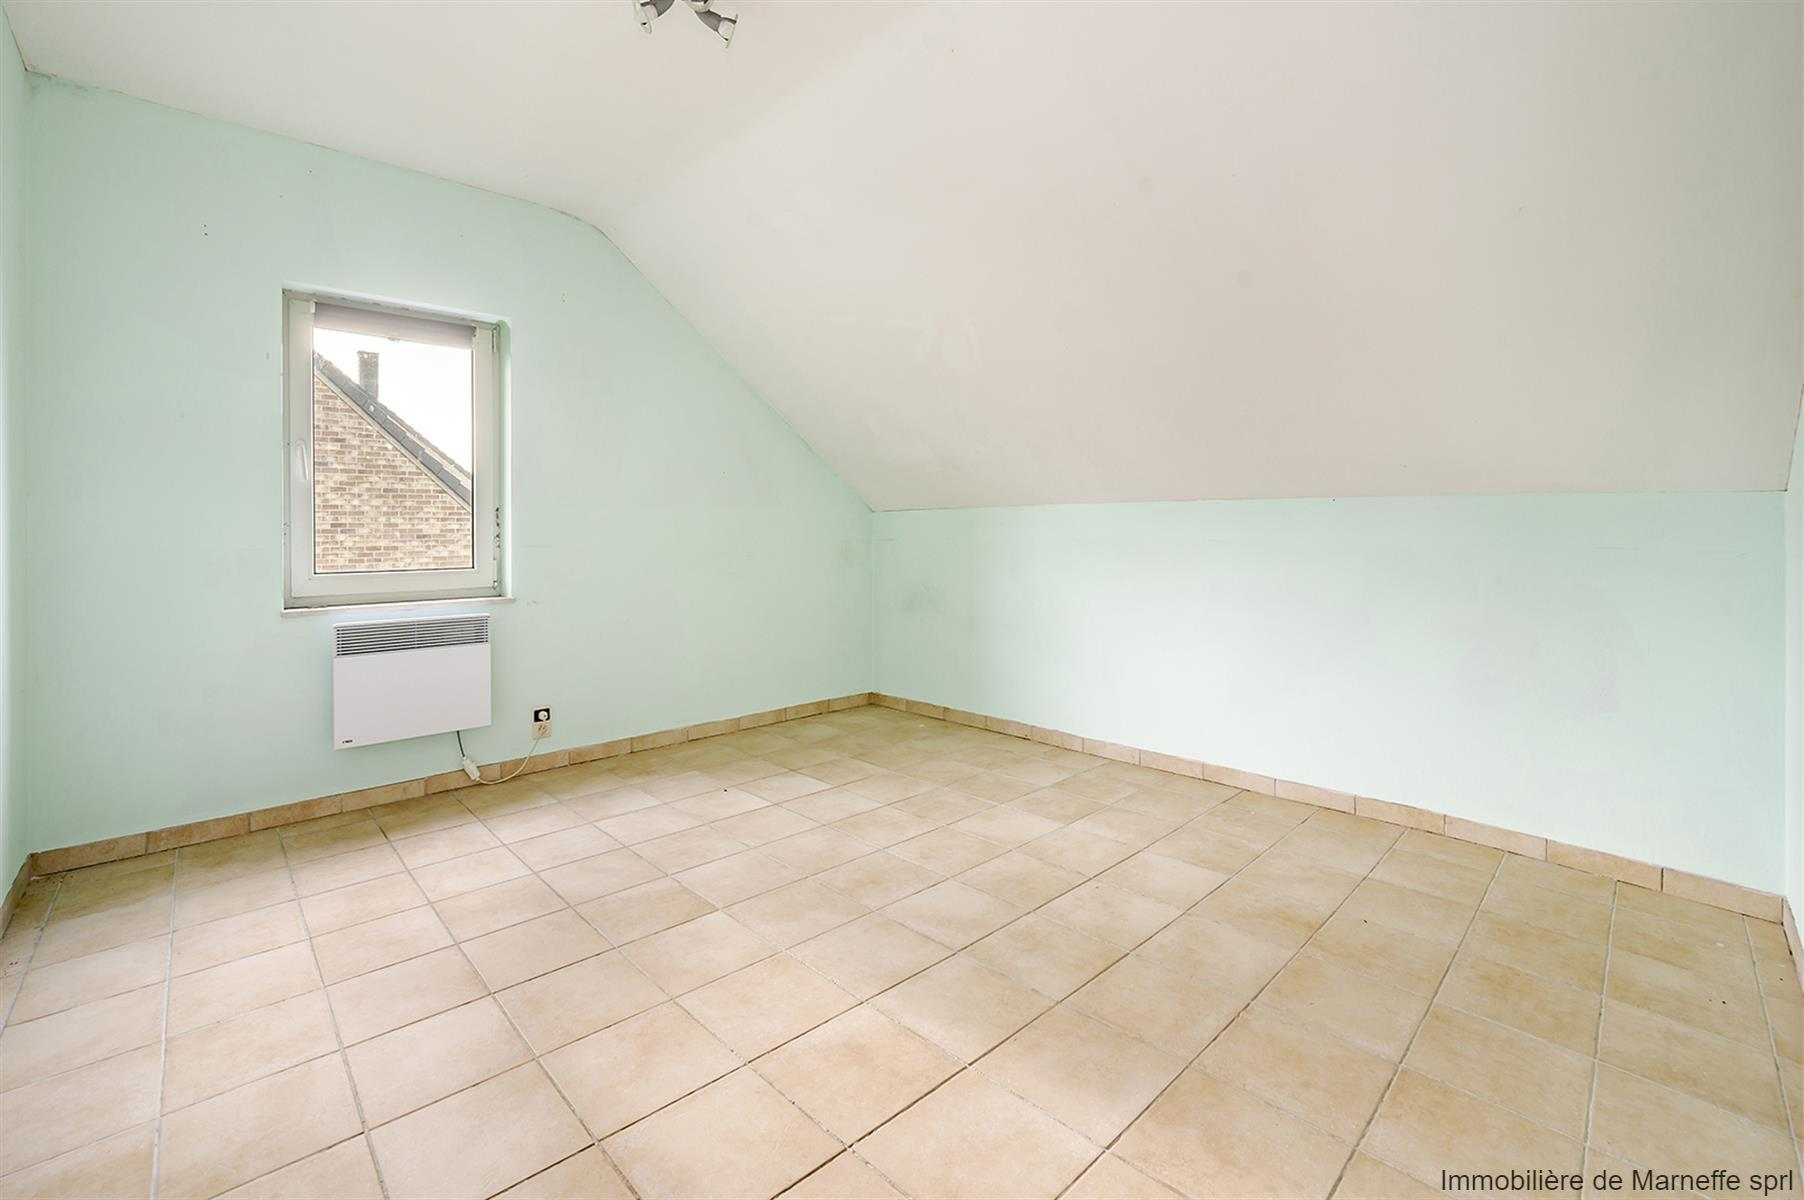 Maison - Villers-le-Bouillet - #4191827-24